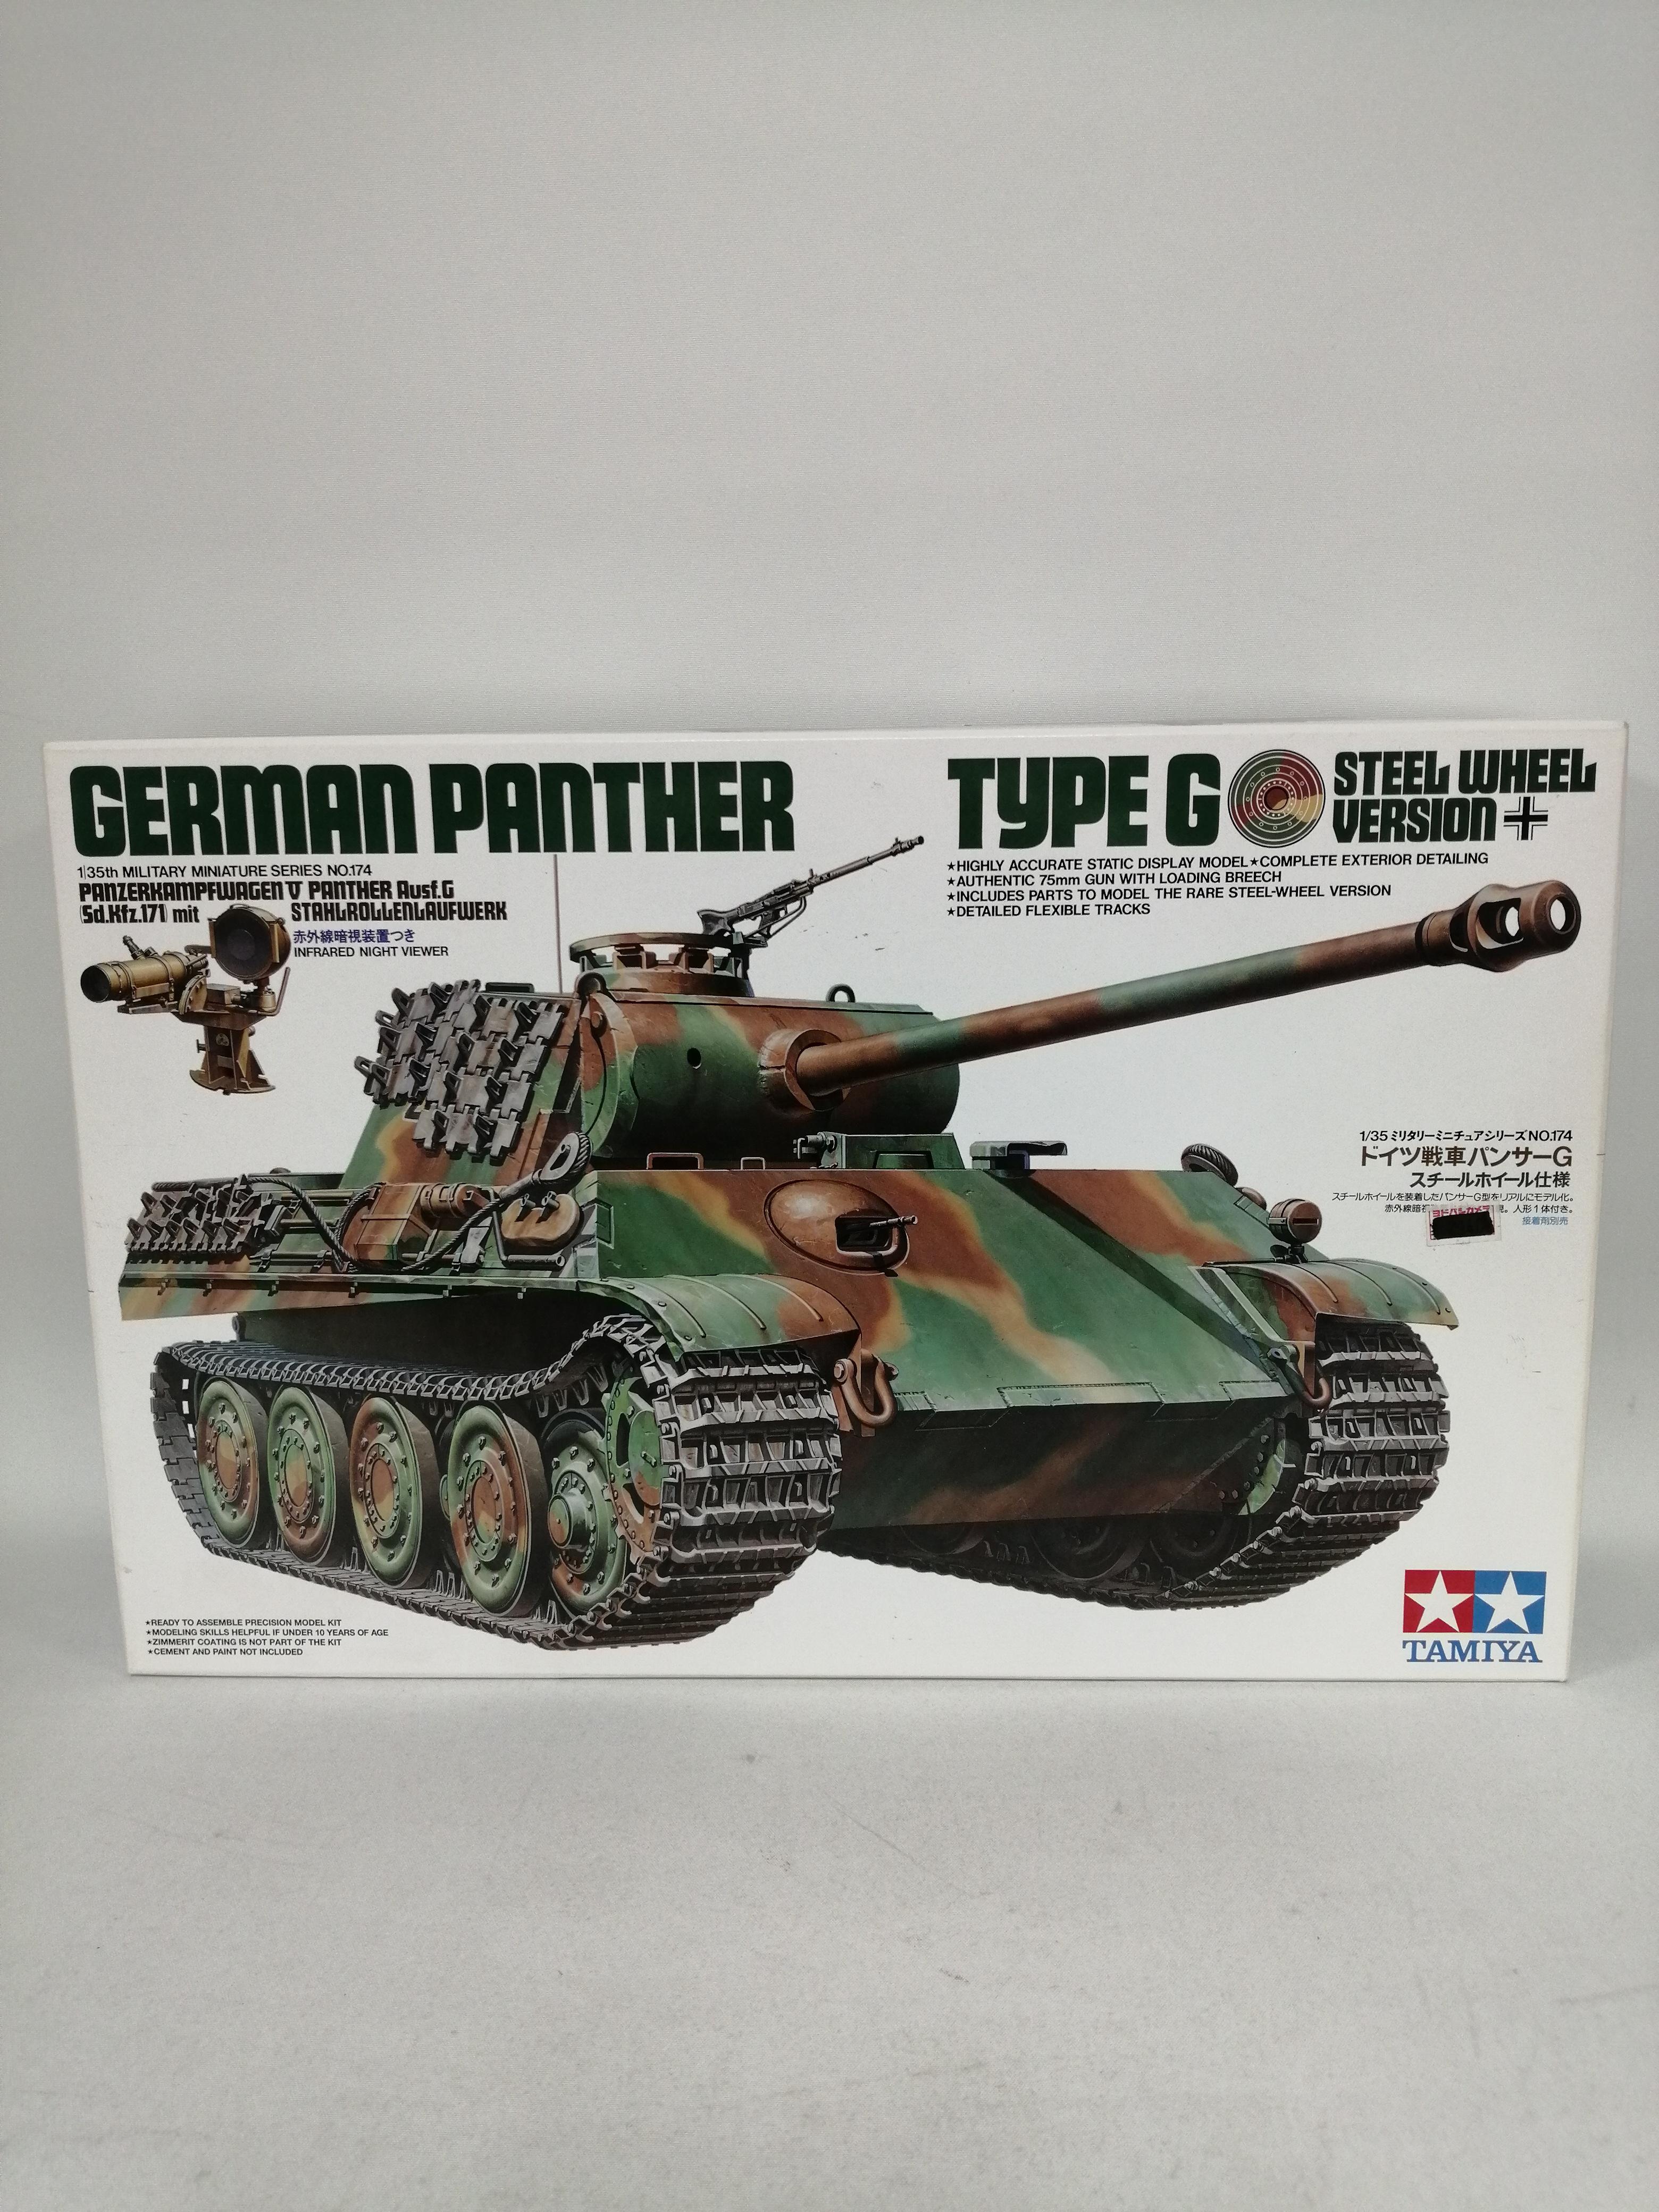 1/35 ドイツ戦車パンサーG スチールホイール仕様|TAMIYA